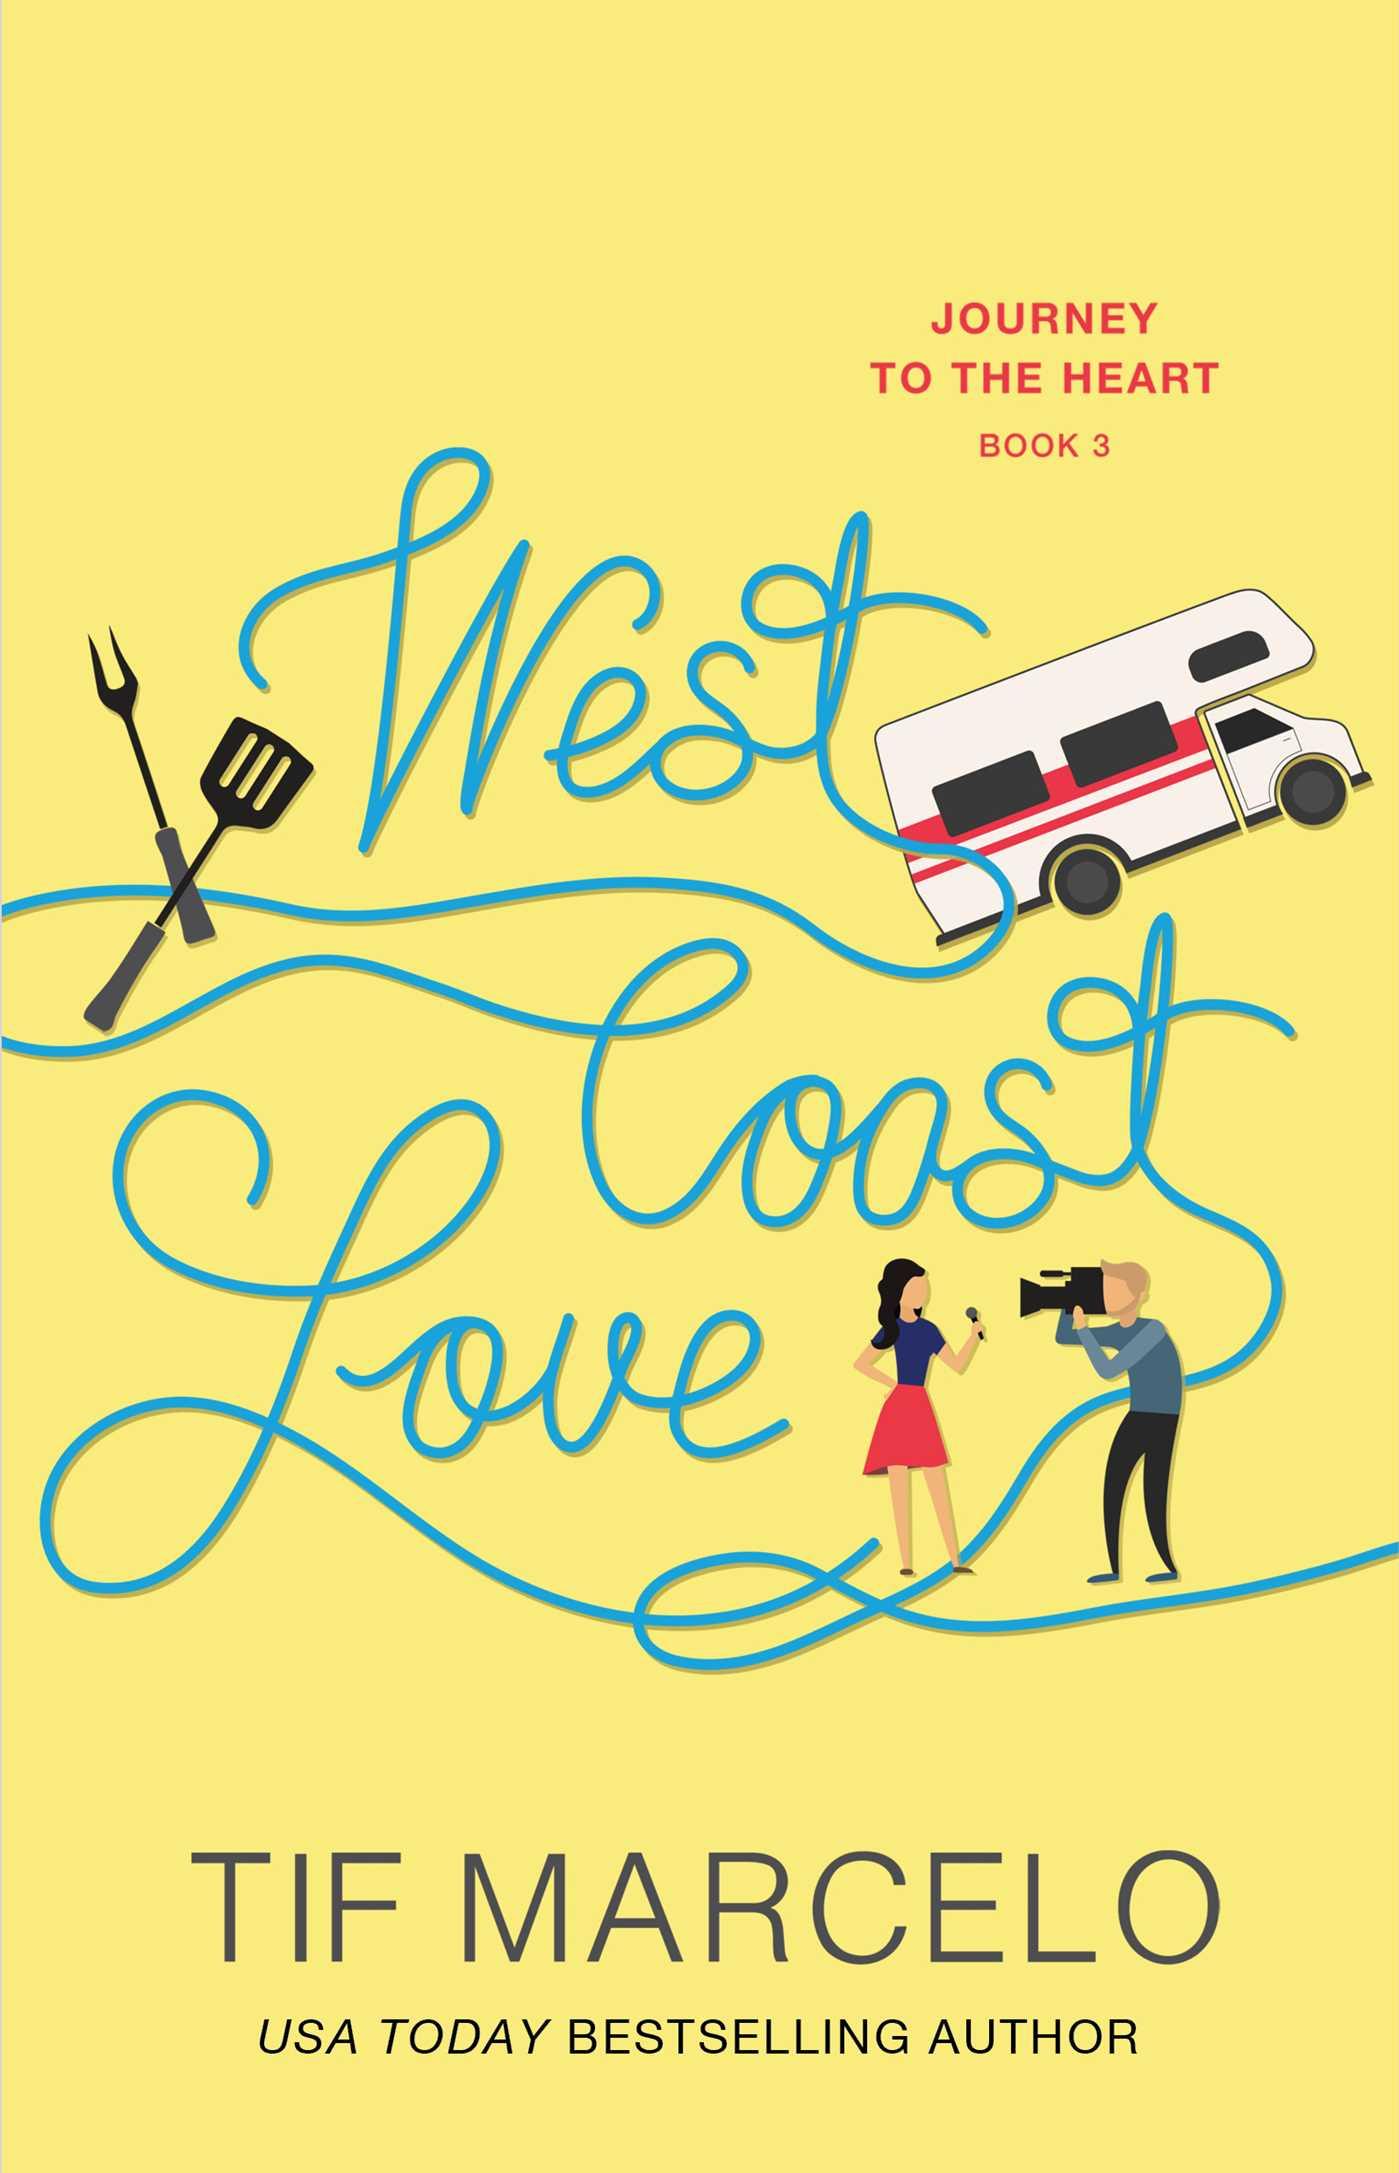 West coast love 9781501169502 hr